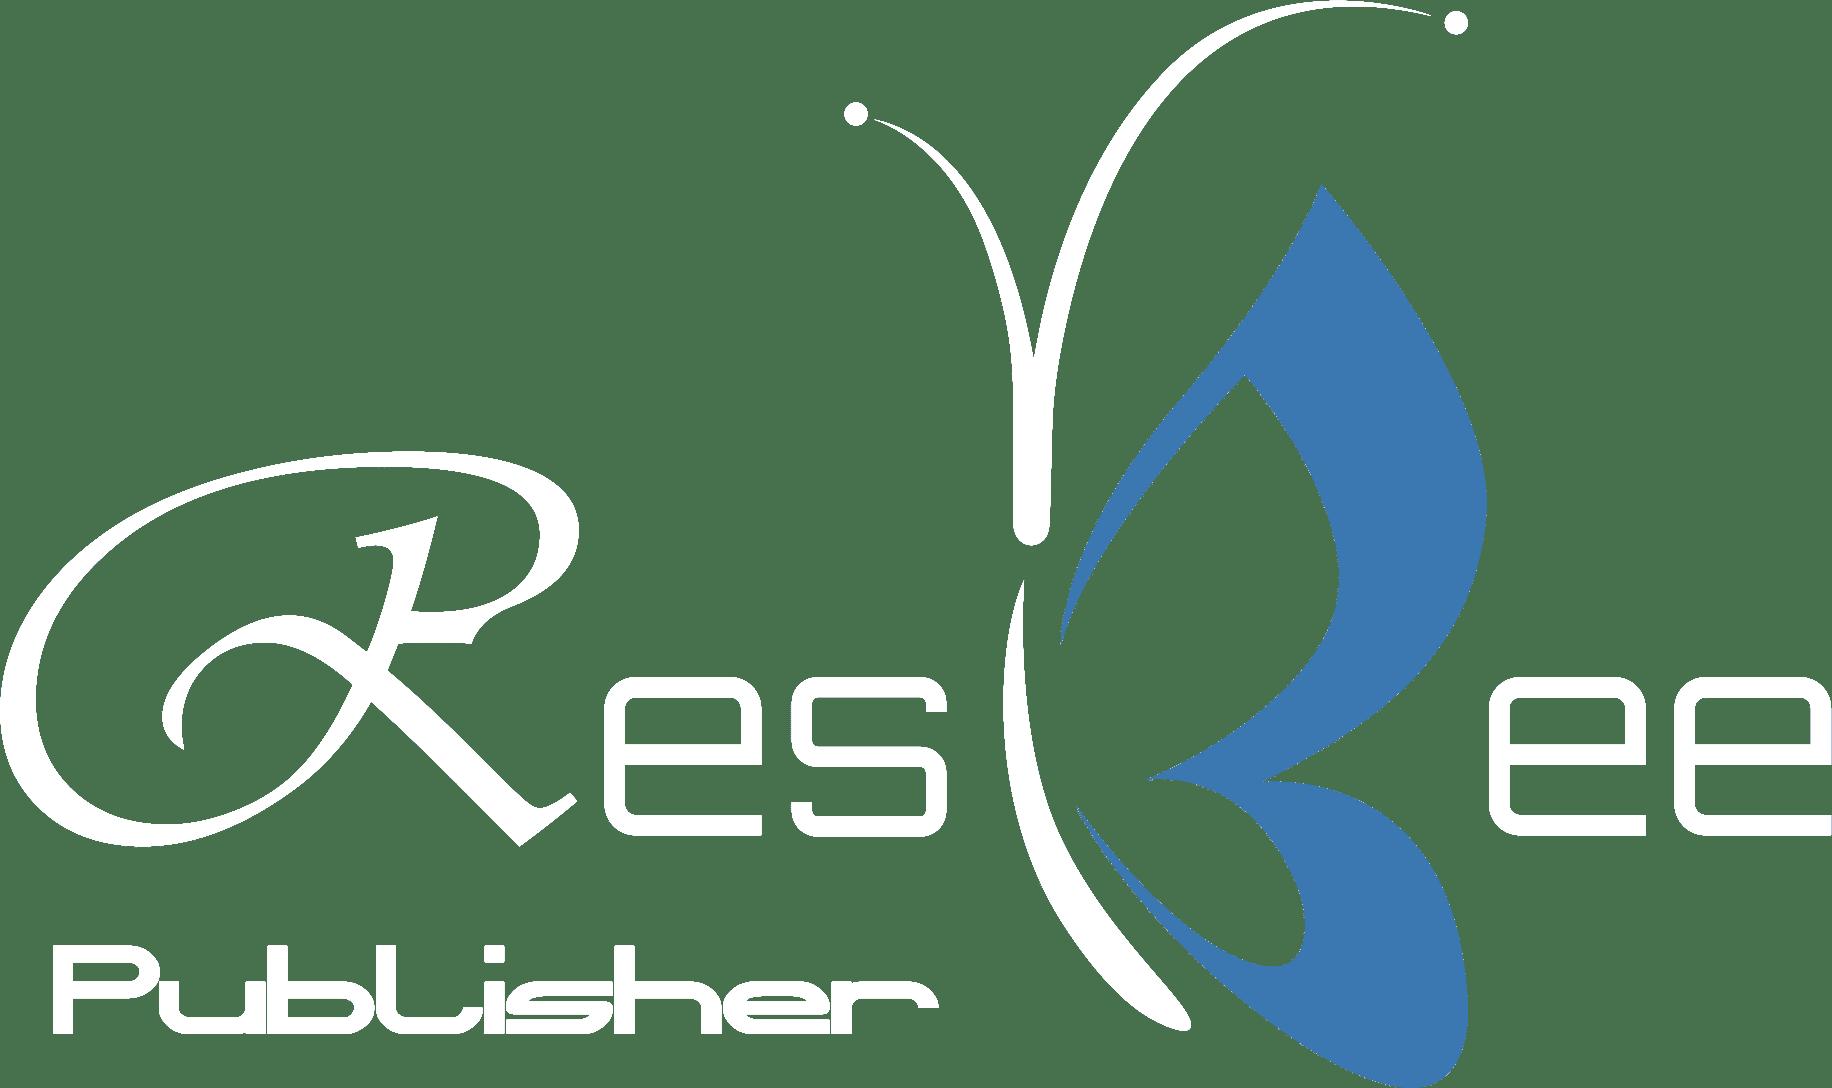 Resbee-Publisher